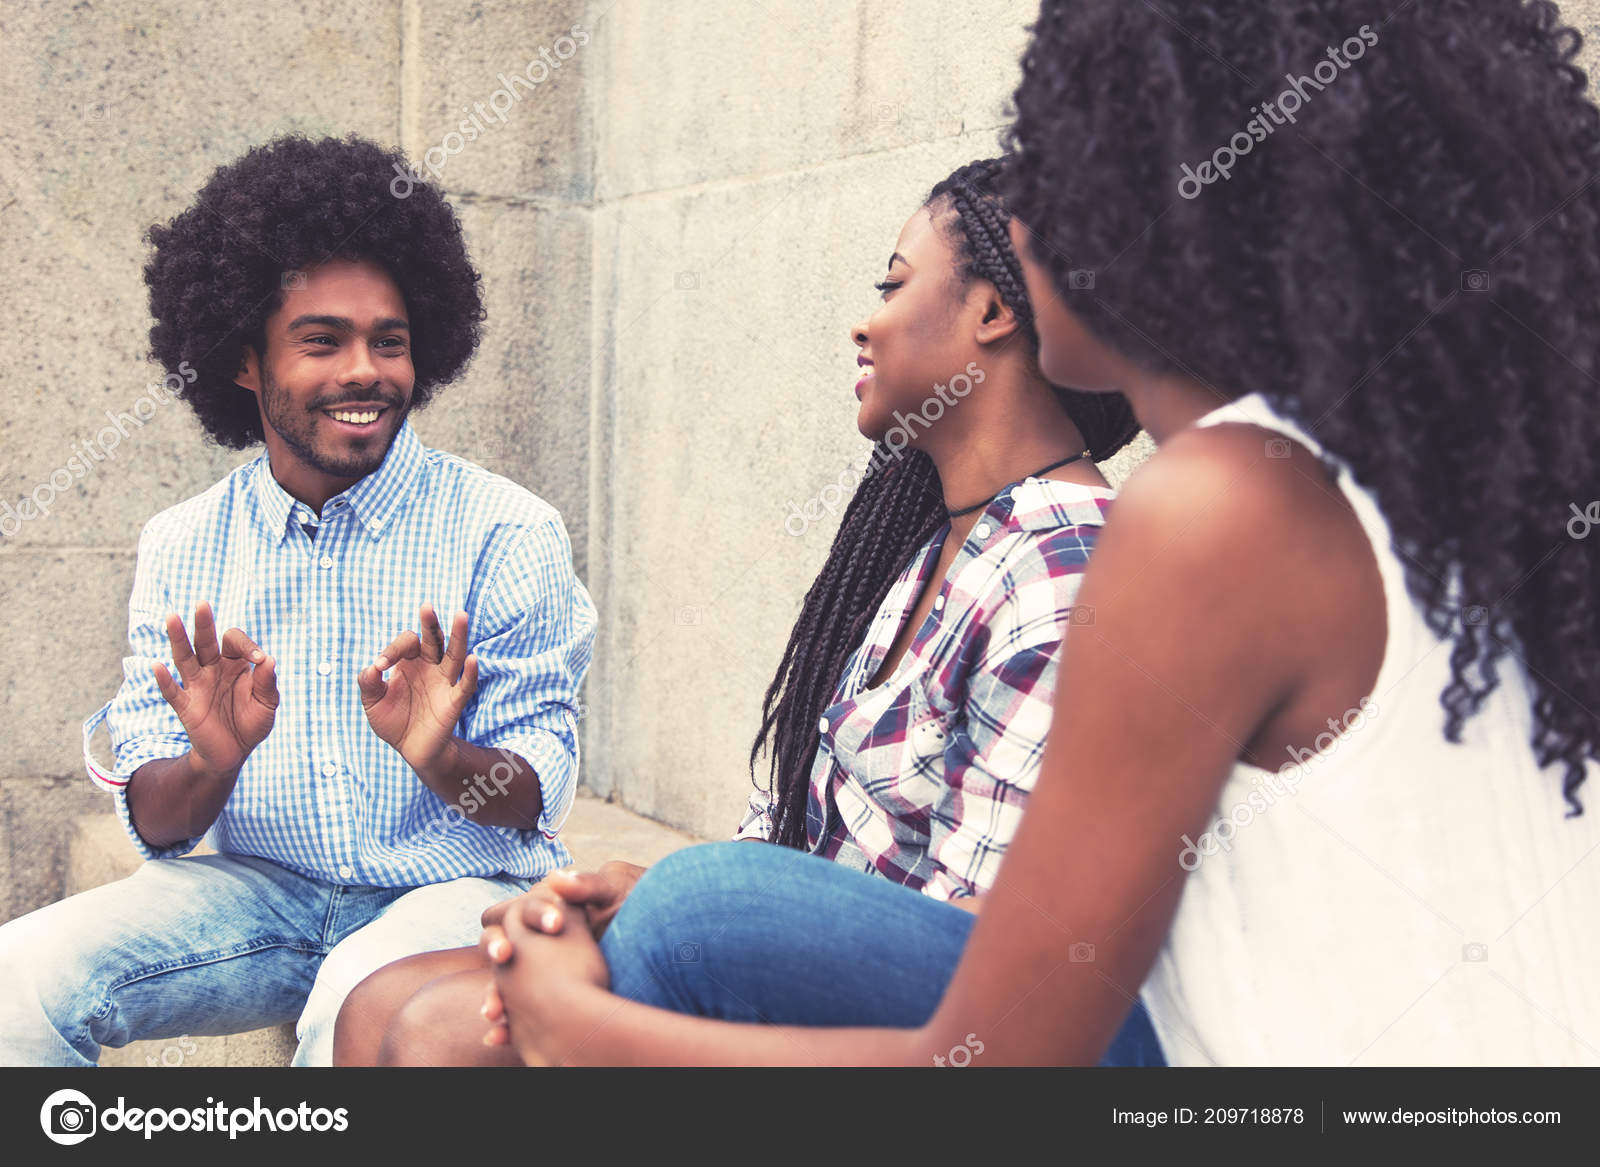 Afrikanische amerikanische Datierung nyc Jeder, der jemals auf Craigslist anhakt